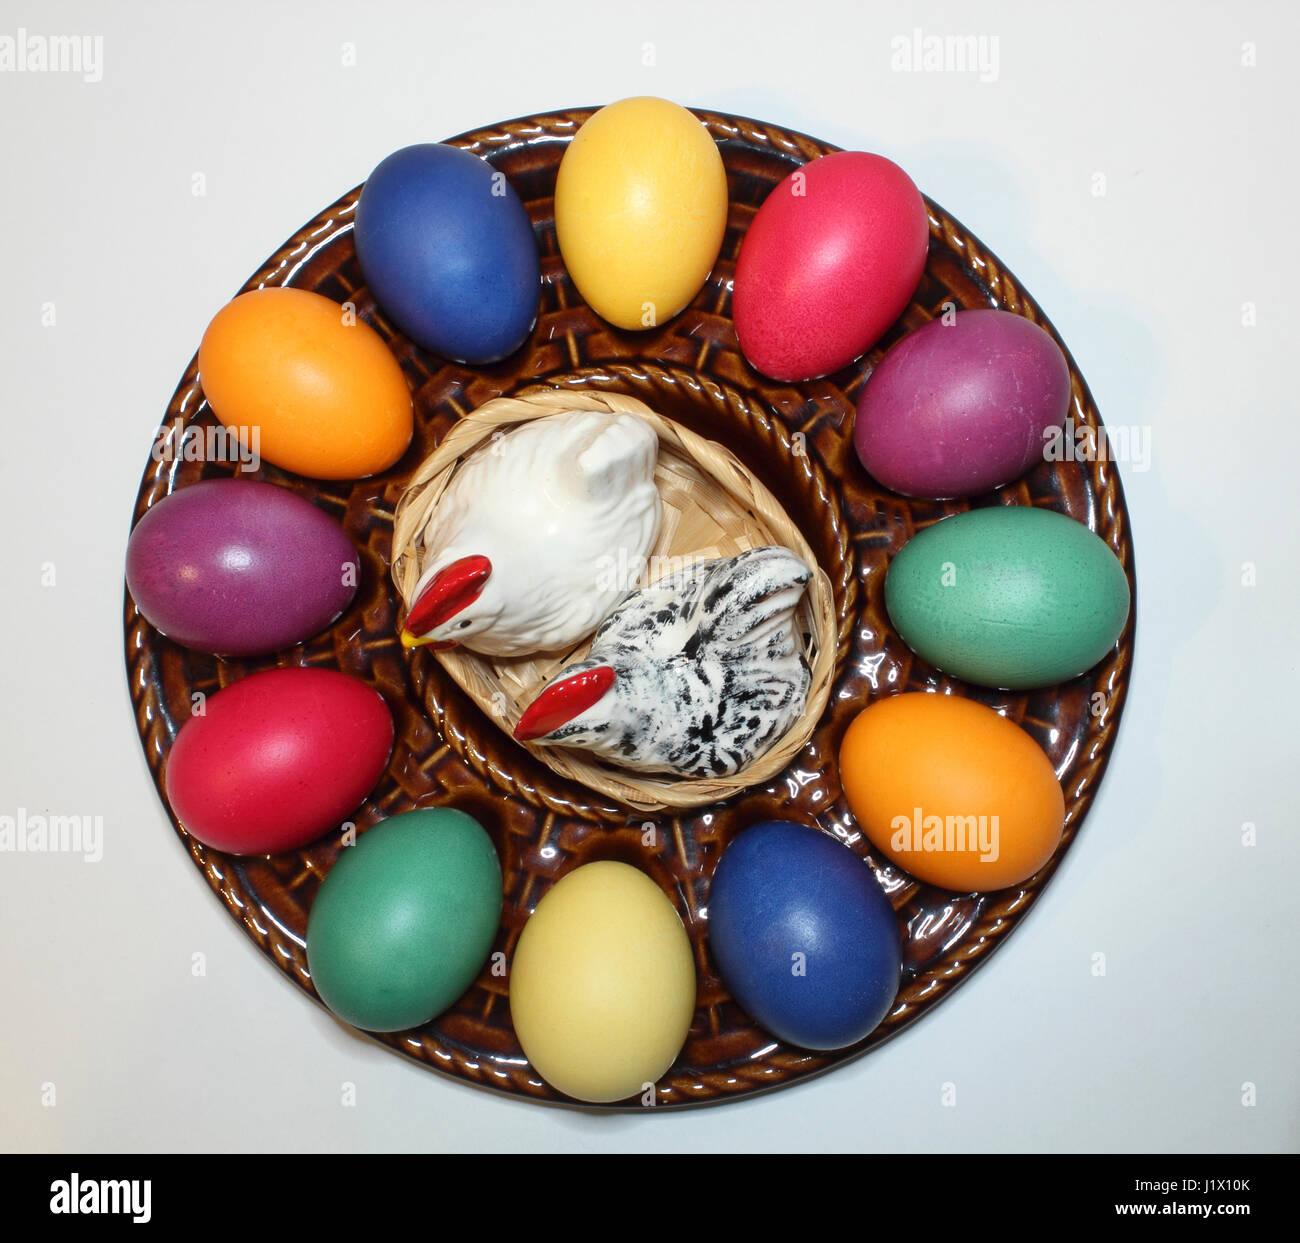 Bunte Ostereier In Einem Keramik Teller Mit Porzellanhuhnern Als